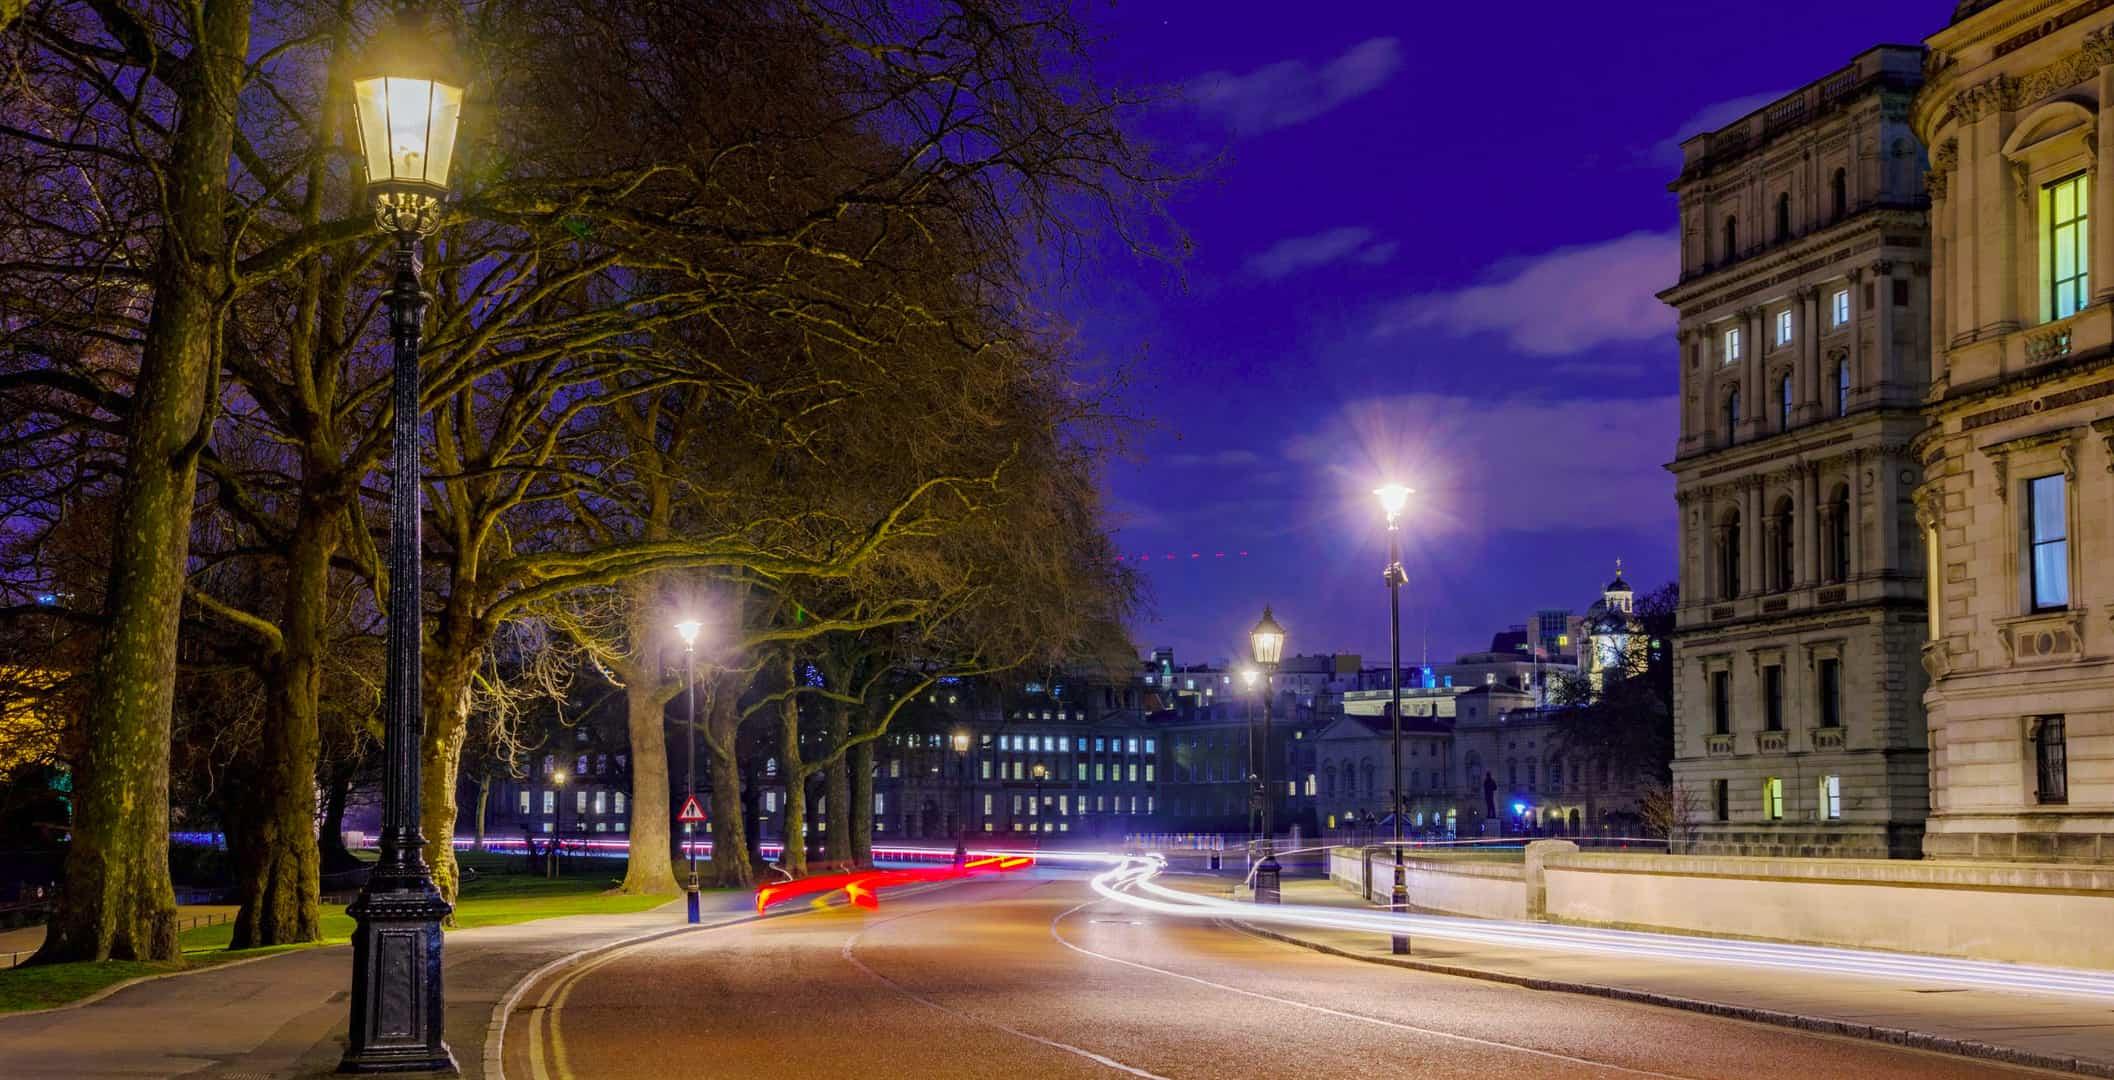 street lighting doncaster linbrooke